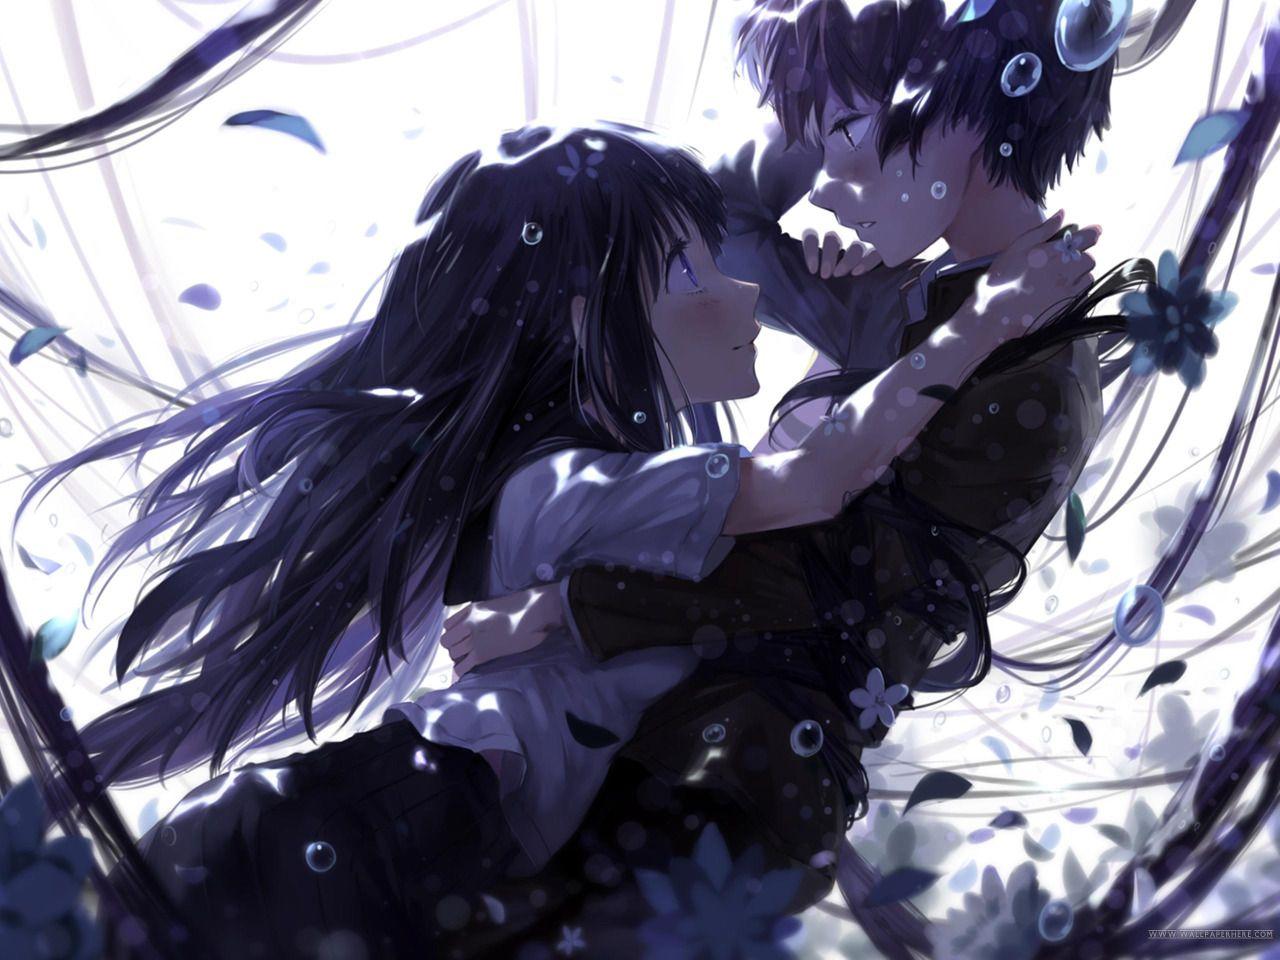 Anime Wallpaper Anime Wallpaper Pinterest Anime Anime Couples